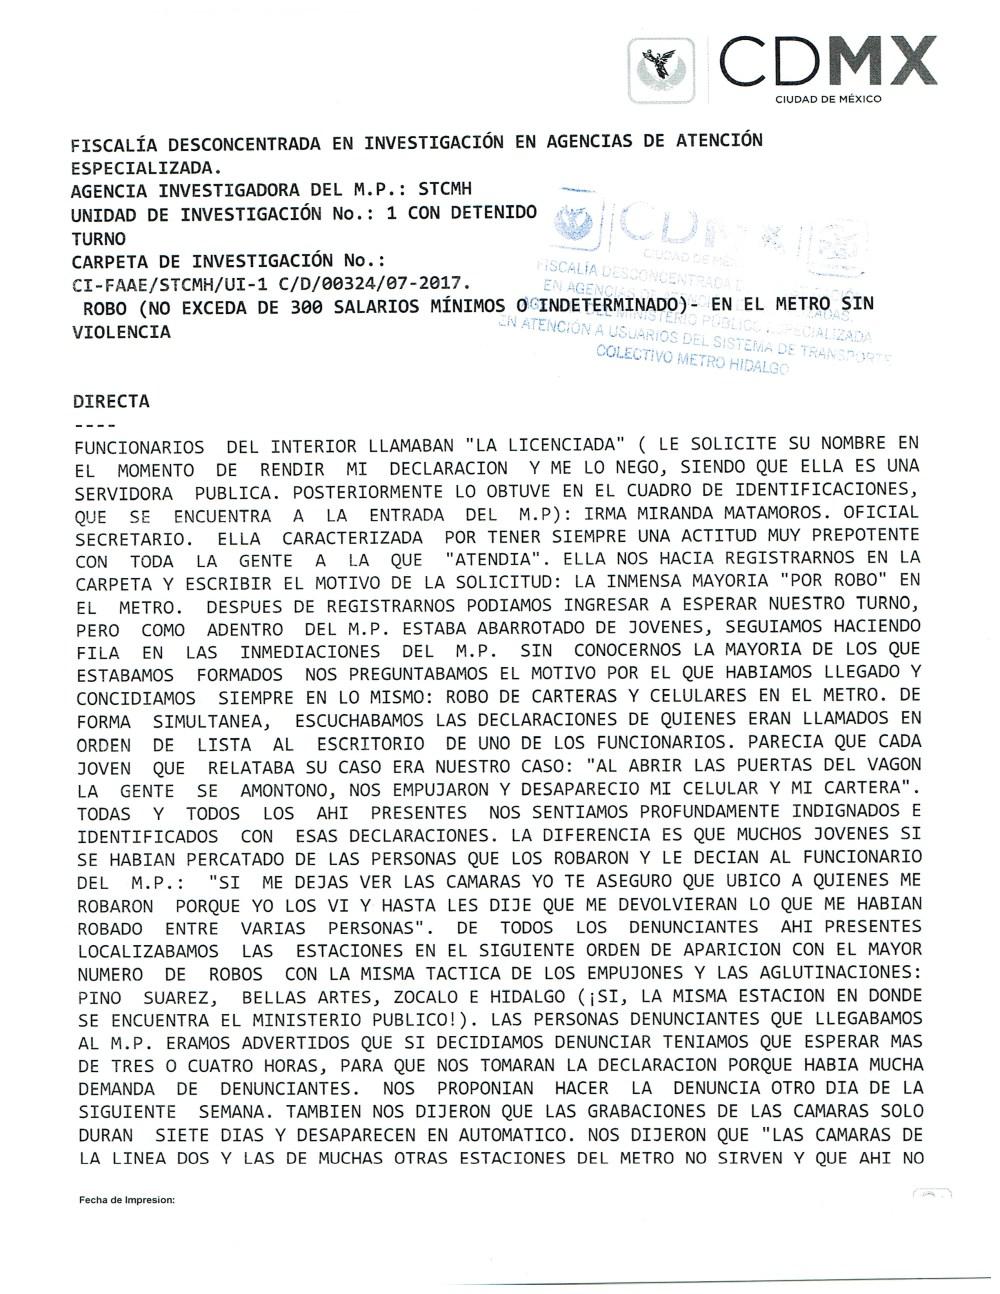 Escáner_20170901_5